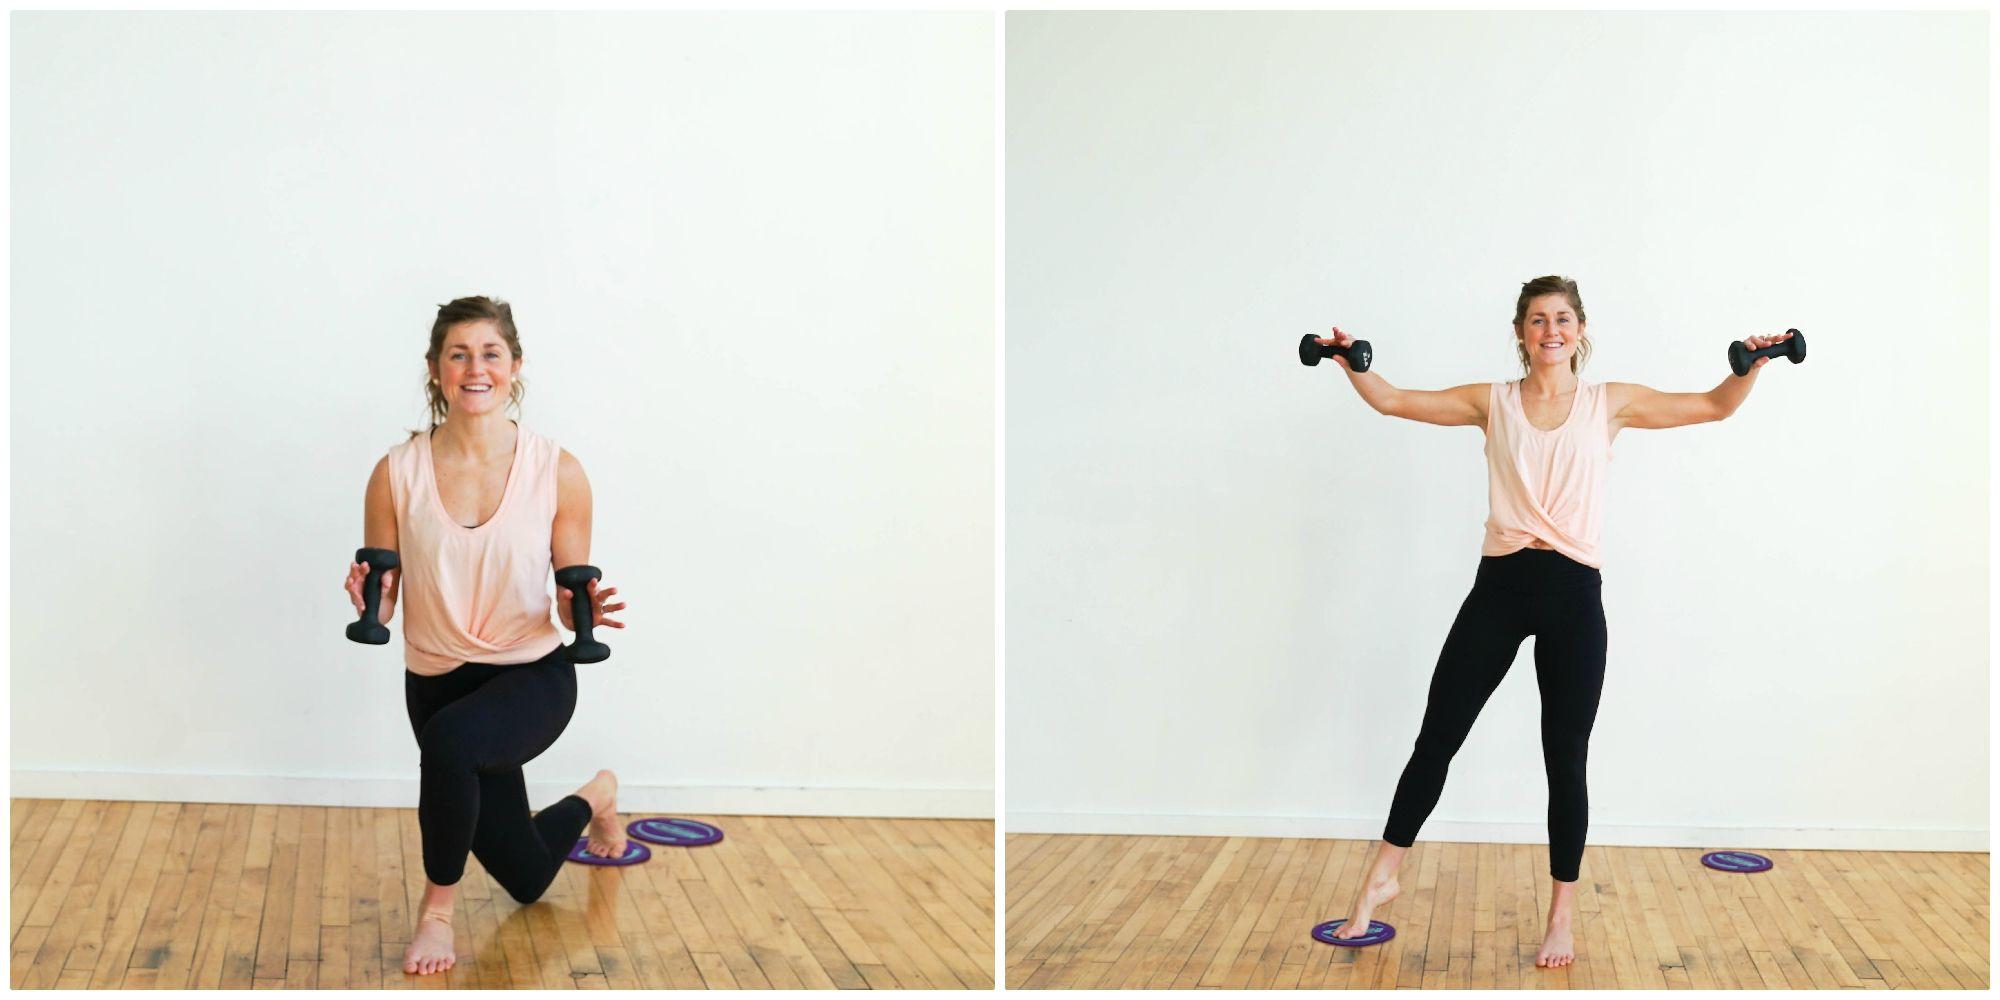 AtHome Glider Disc Barre Workout Barre workout, Slider